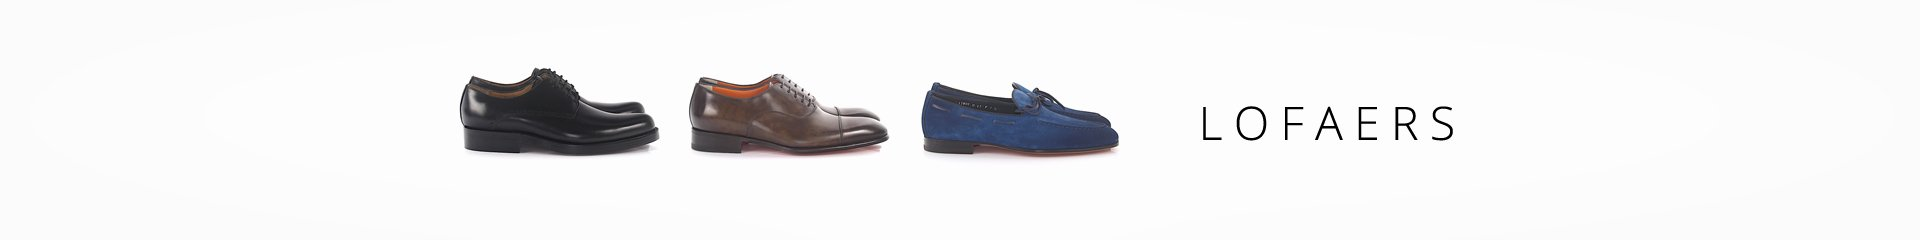 93f960f02e8 Designer men Flat Shoes 2018 - buy online - Mybudapester.com